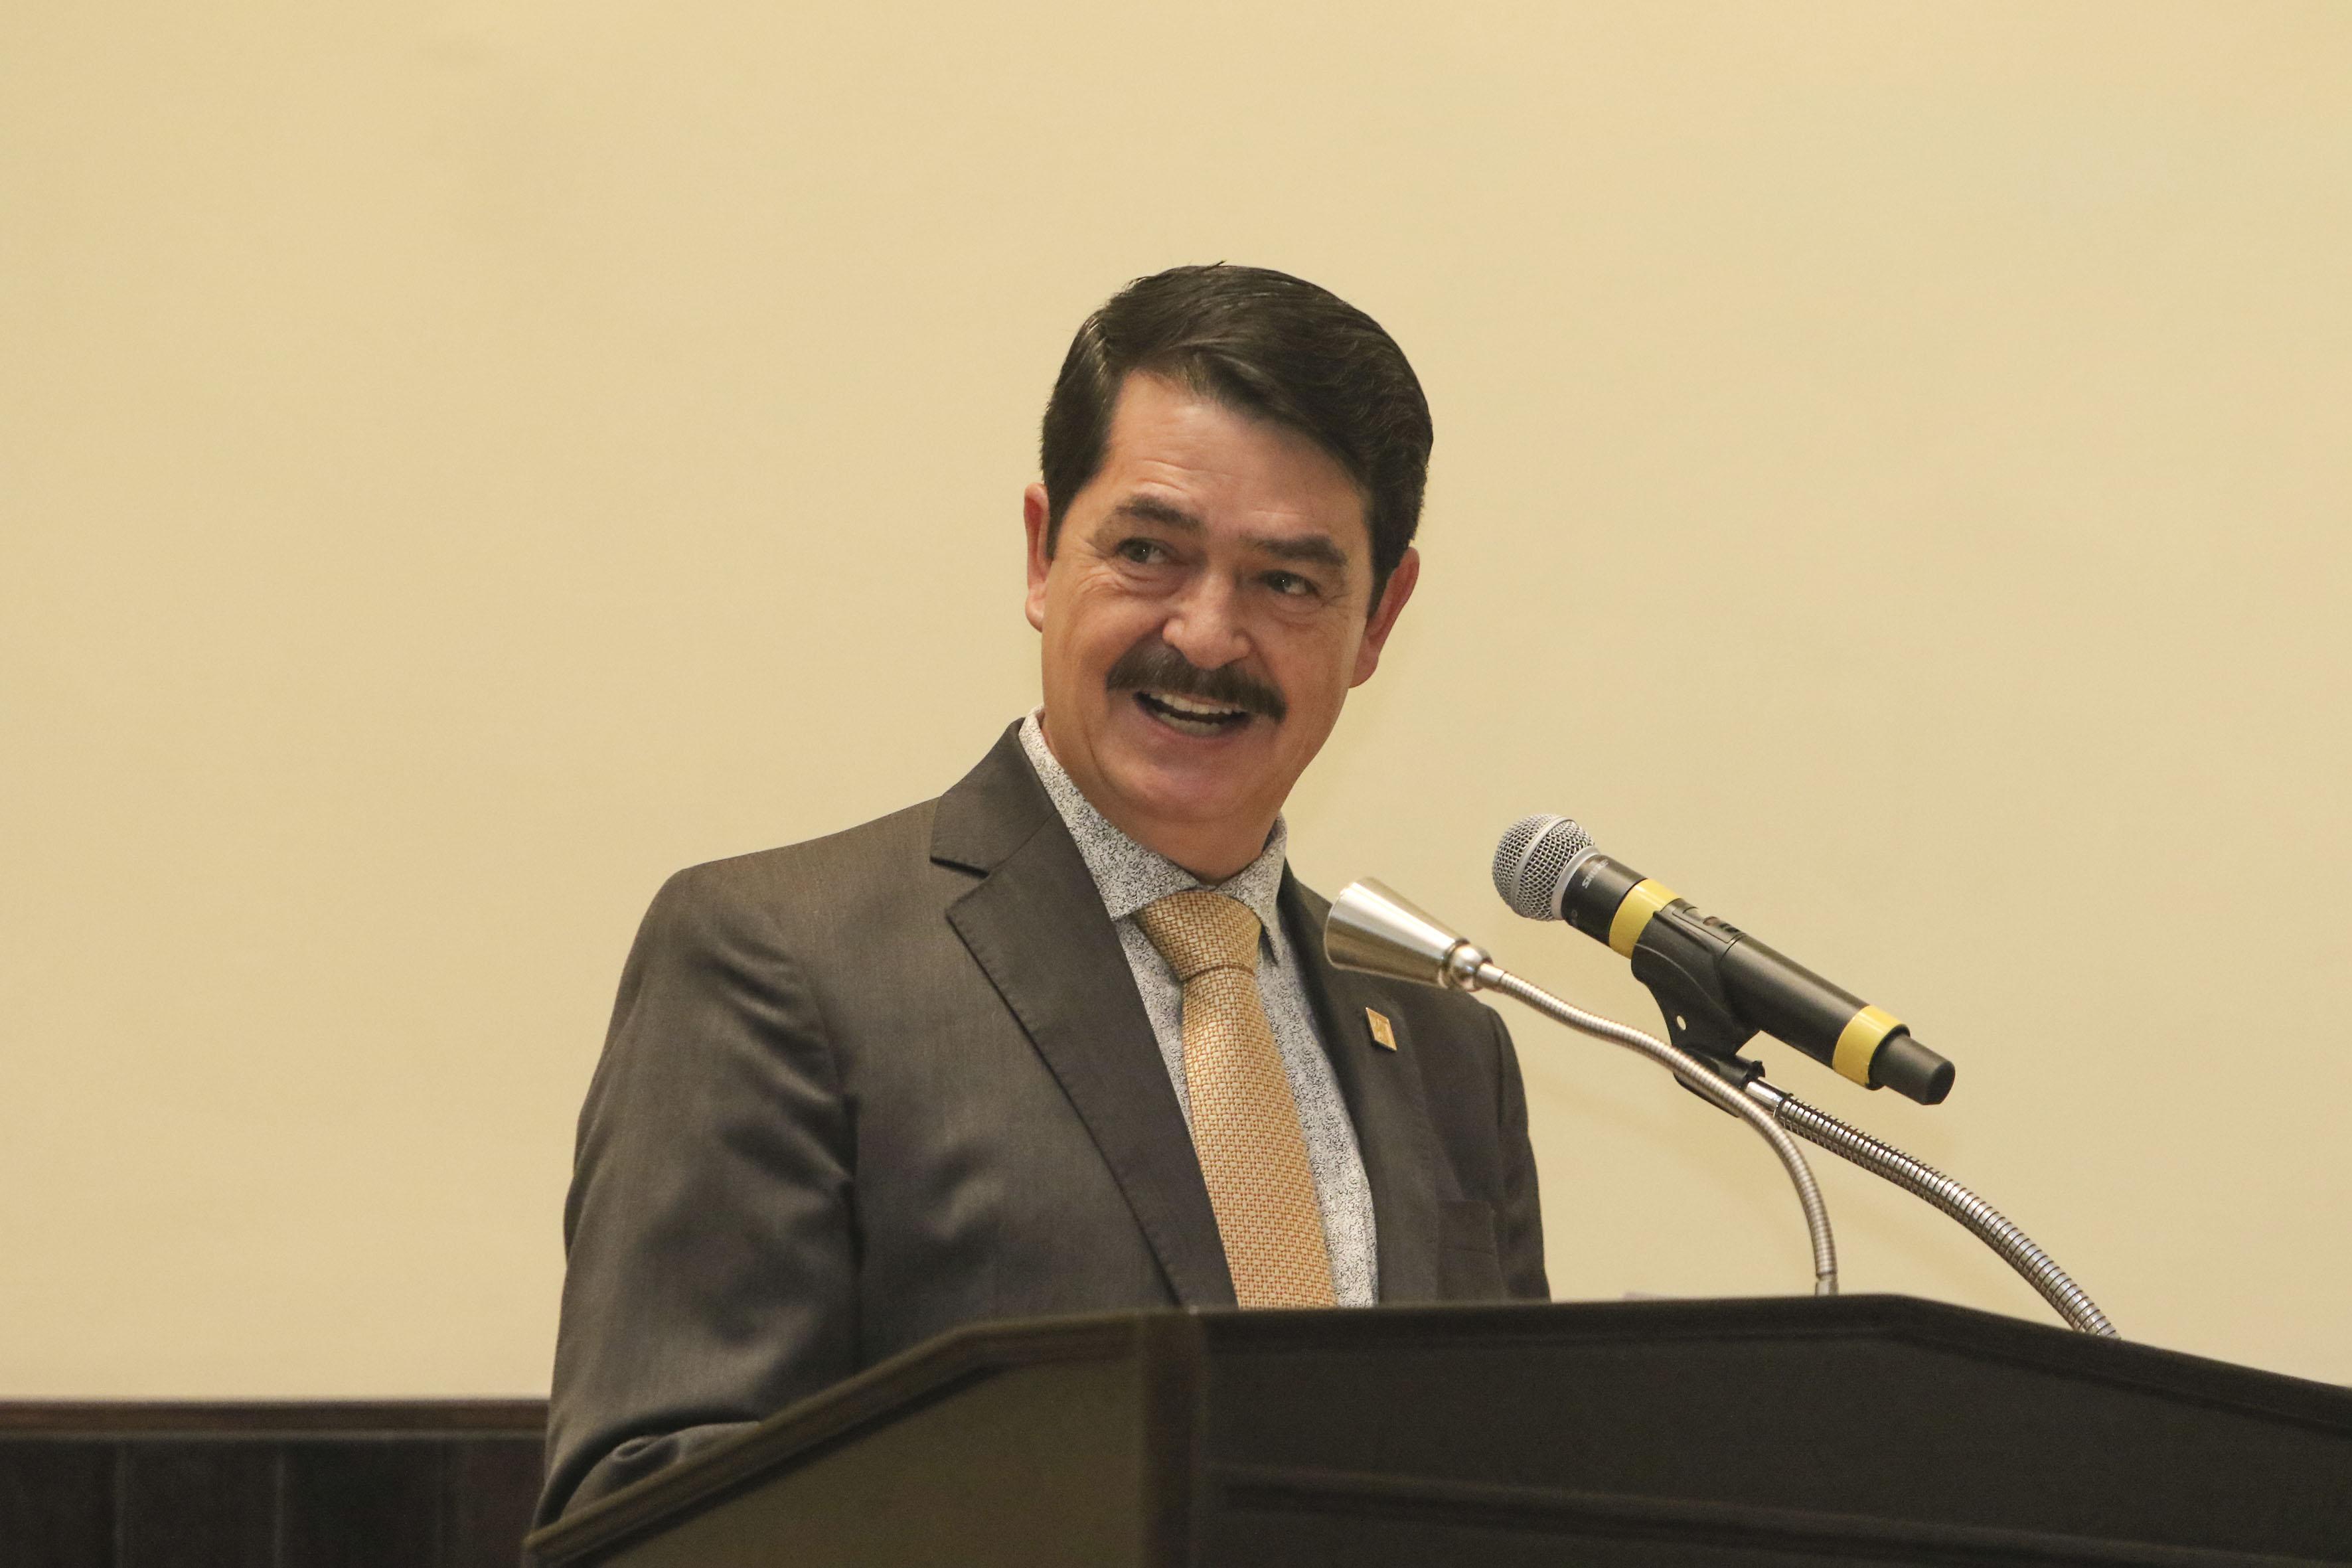 Doctor Carlos Pelayo Ortiz, secretario académico del CUCEI, en podium del auditorio haciendo uso de la palabra.